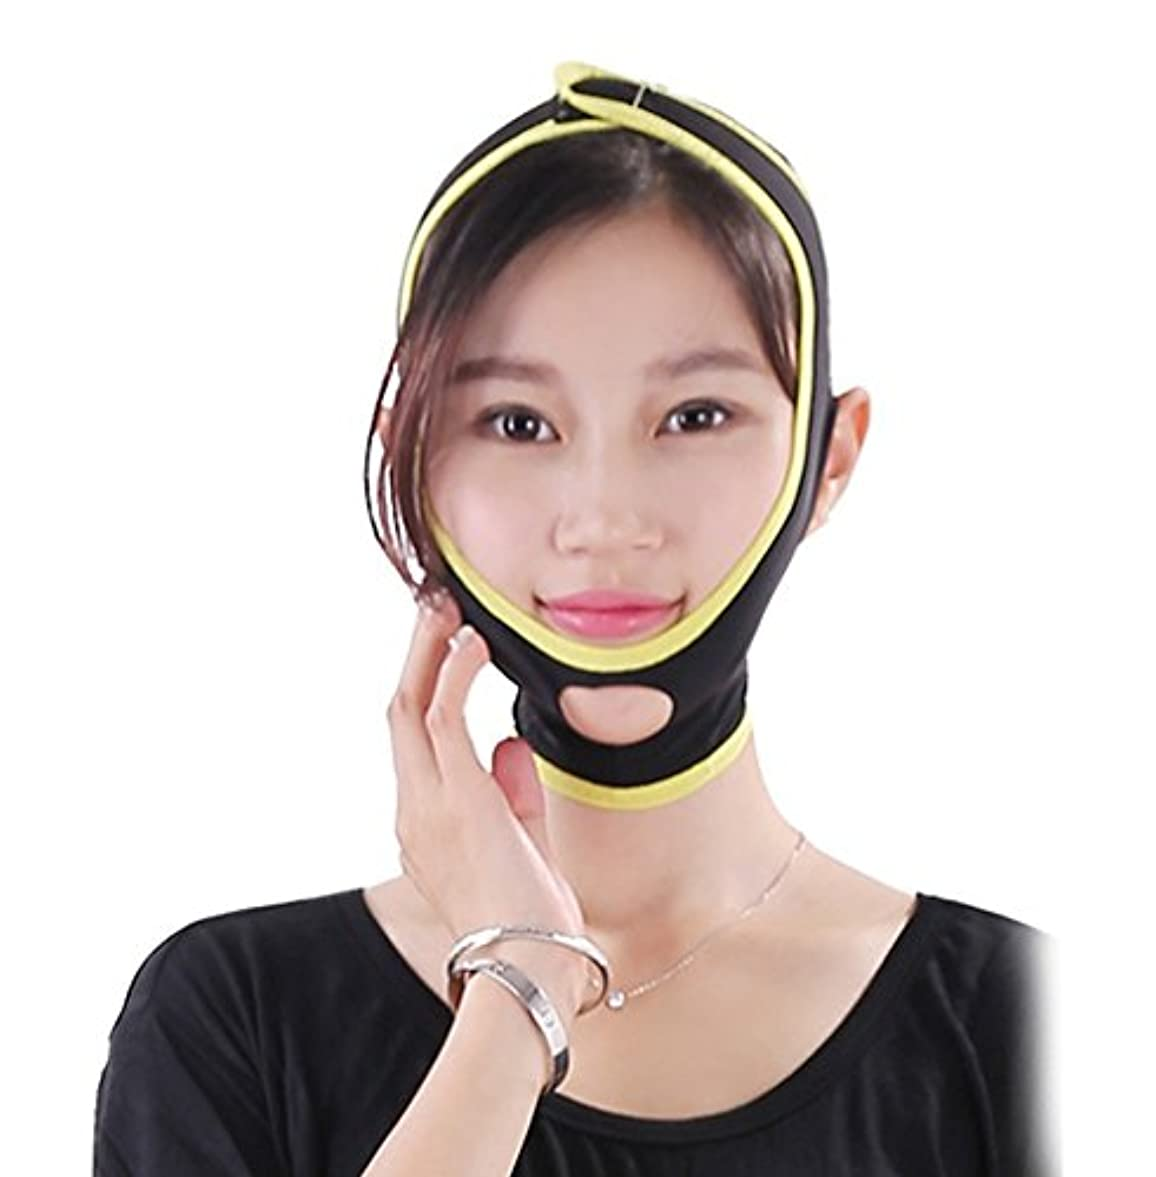 特権的無し切手Remeehi フェイスラインベルト 抗シワ 額 顎下 頬リフトアップ 小顔 美顔 頬のたるみ 引き上げマスク M